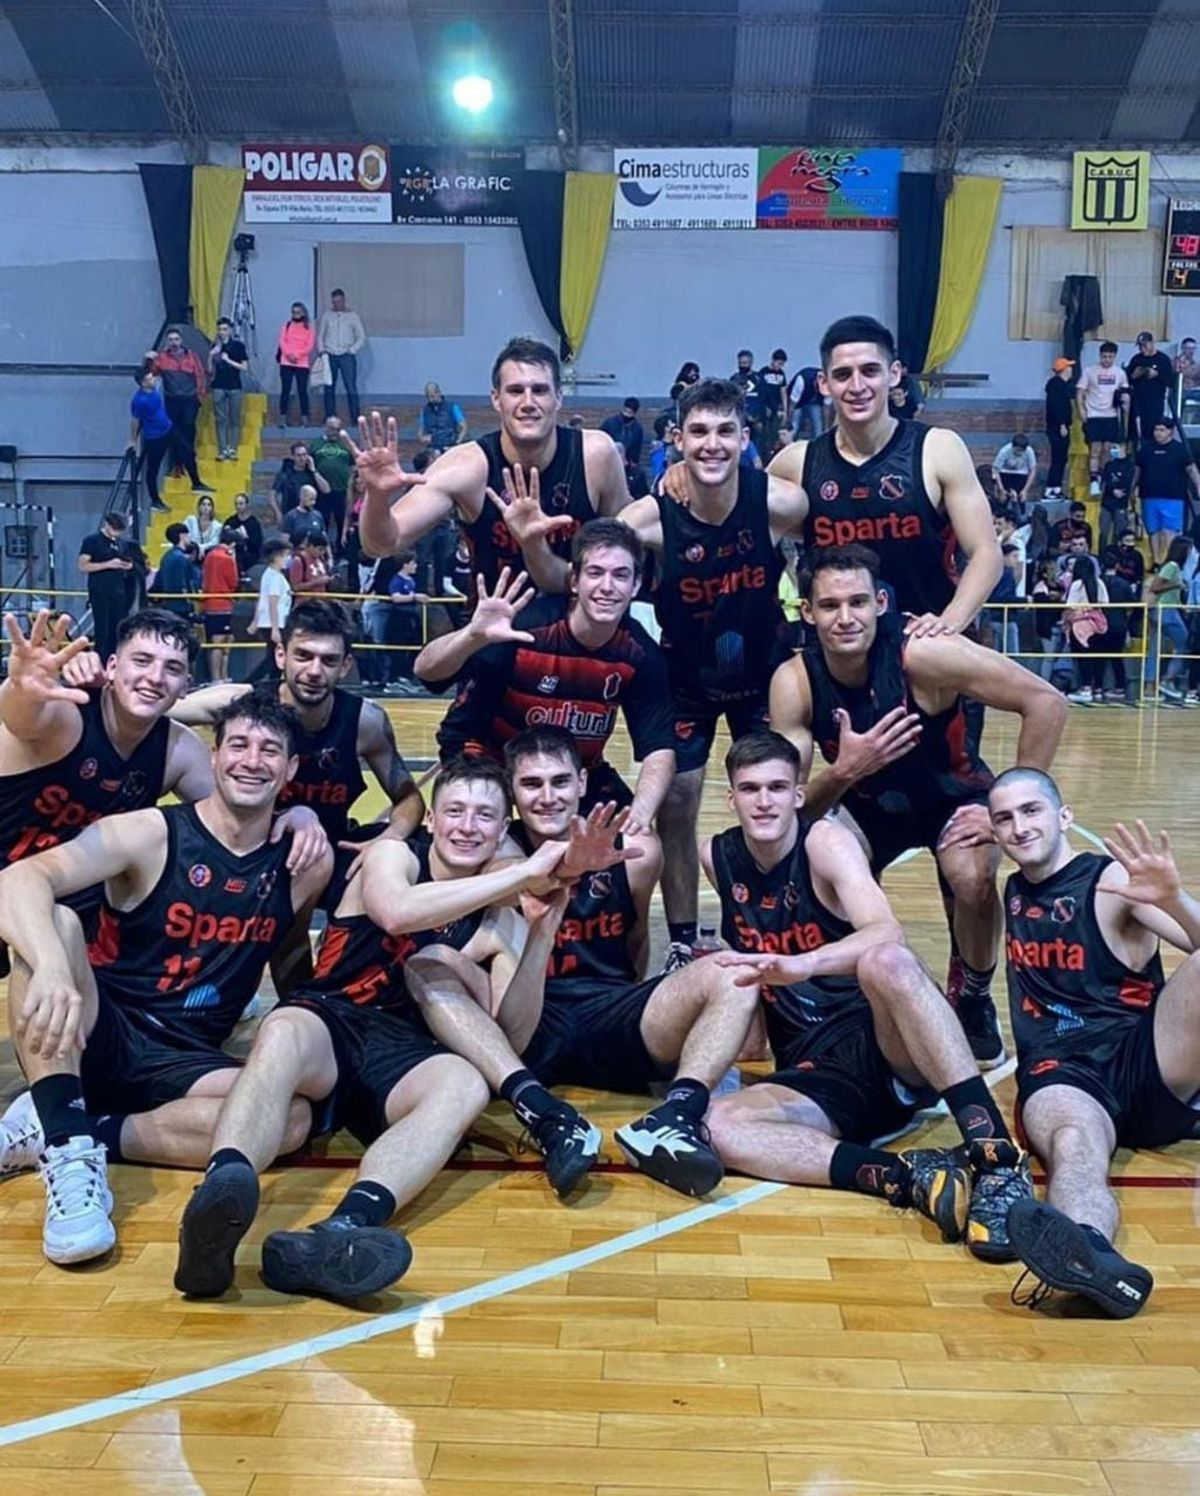 Clásico y clasificación. Sparta venció al aurinegro y pasó a la próxima ronda del torneo. Foto: Sparta.